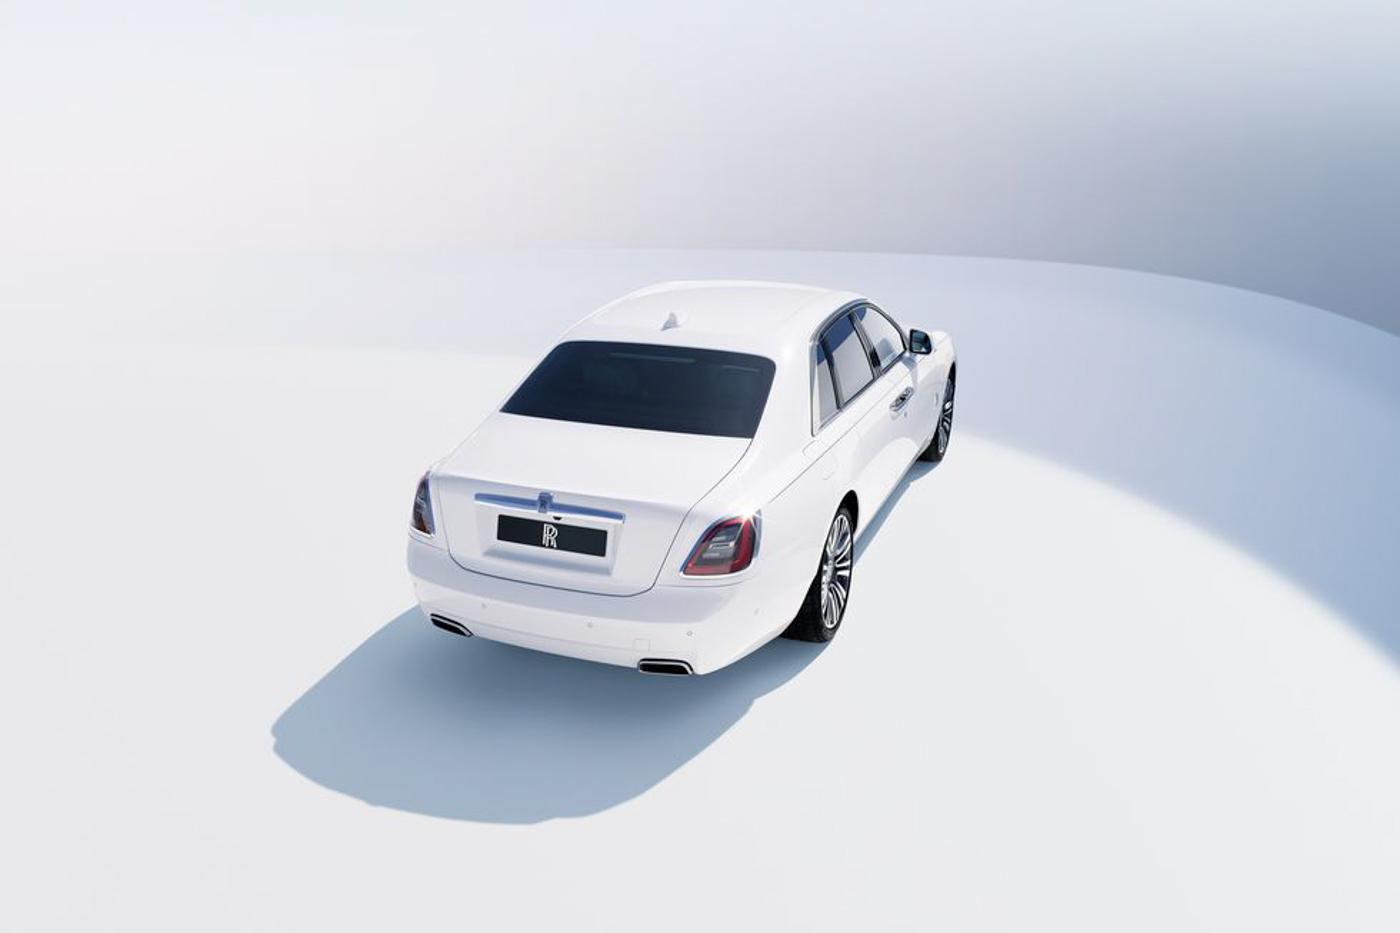 Rolls-Royce-NewGhost-biểu-tượng-xa-hoa-thế-hệ-mới-ra-mắt-khách-hàng-Việt-6.jpg